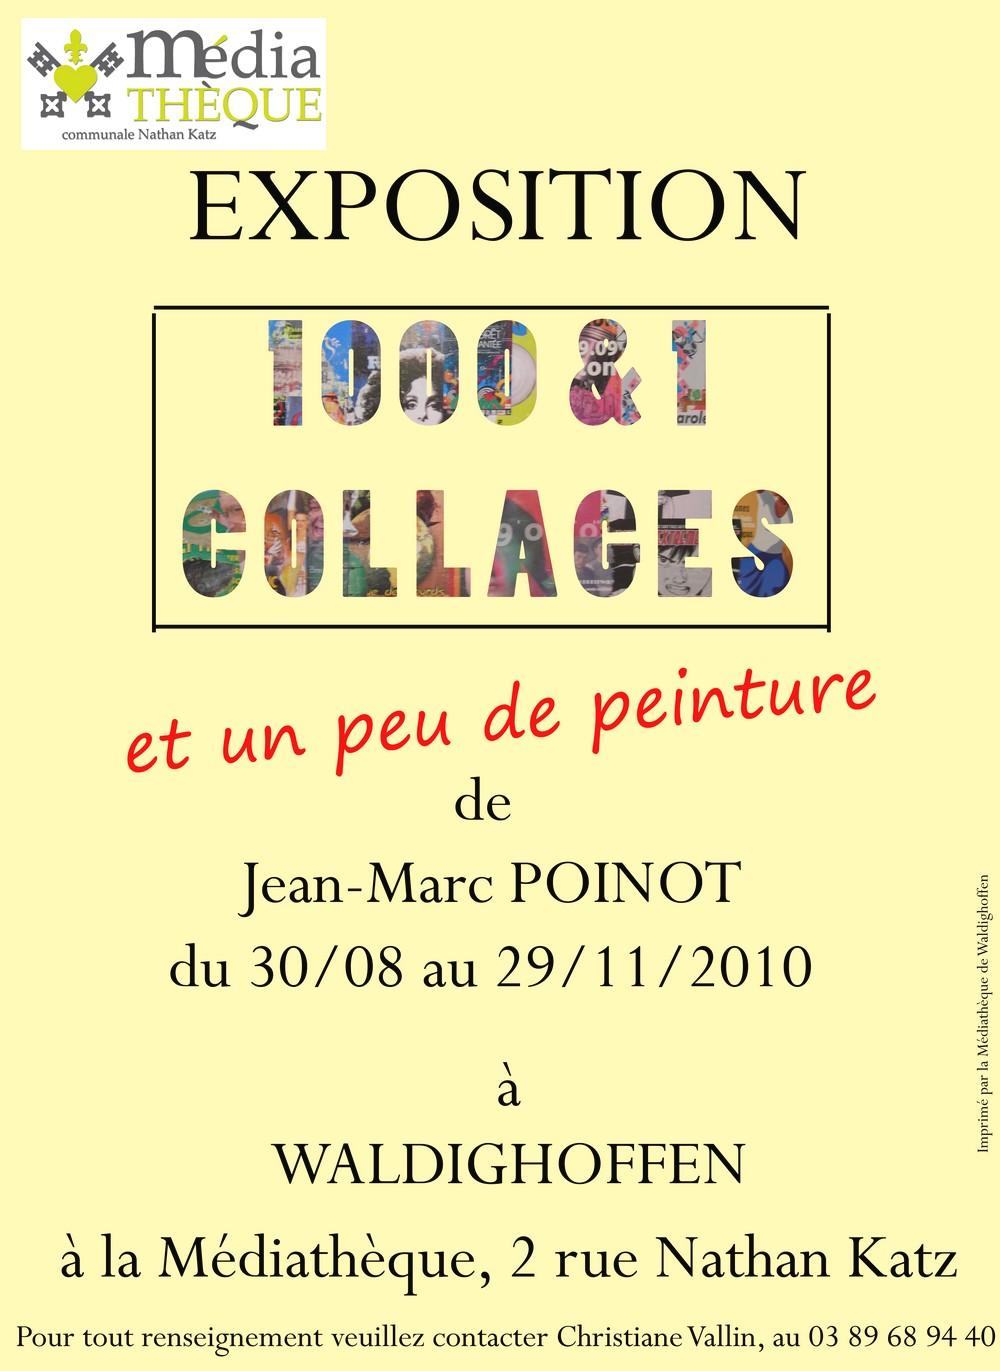 Affiche Expo 1000 et 1 collages, de J Marc POINOT